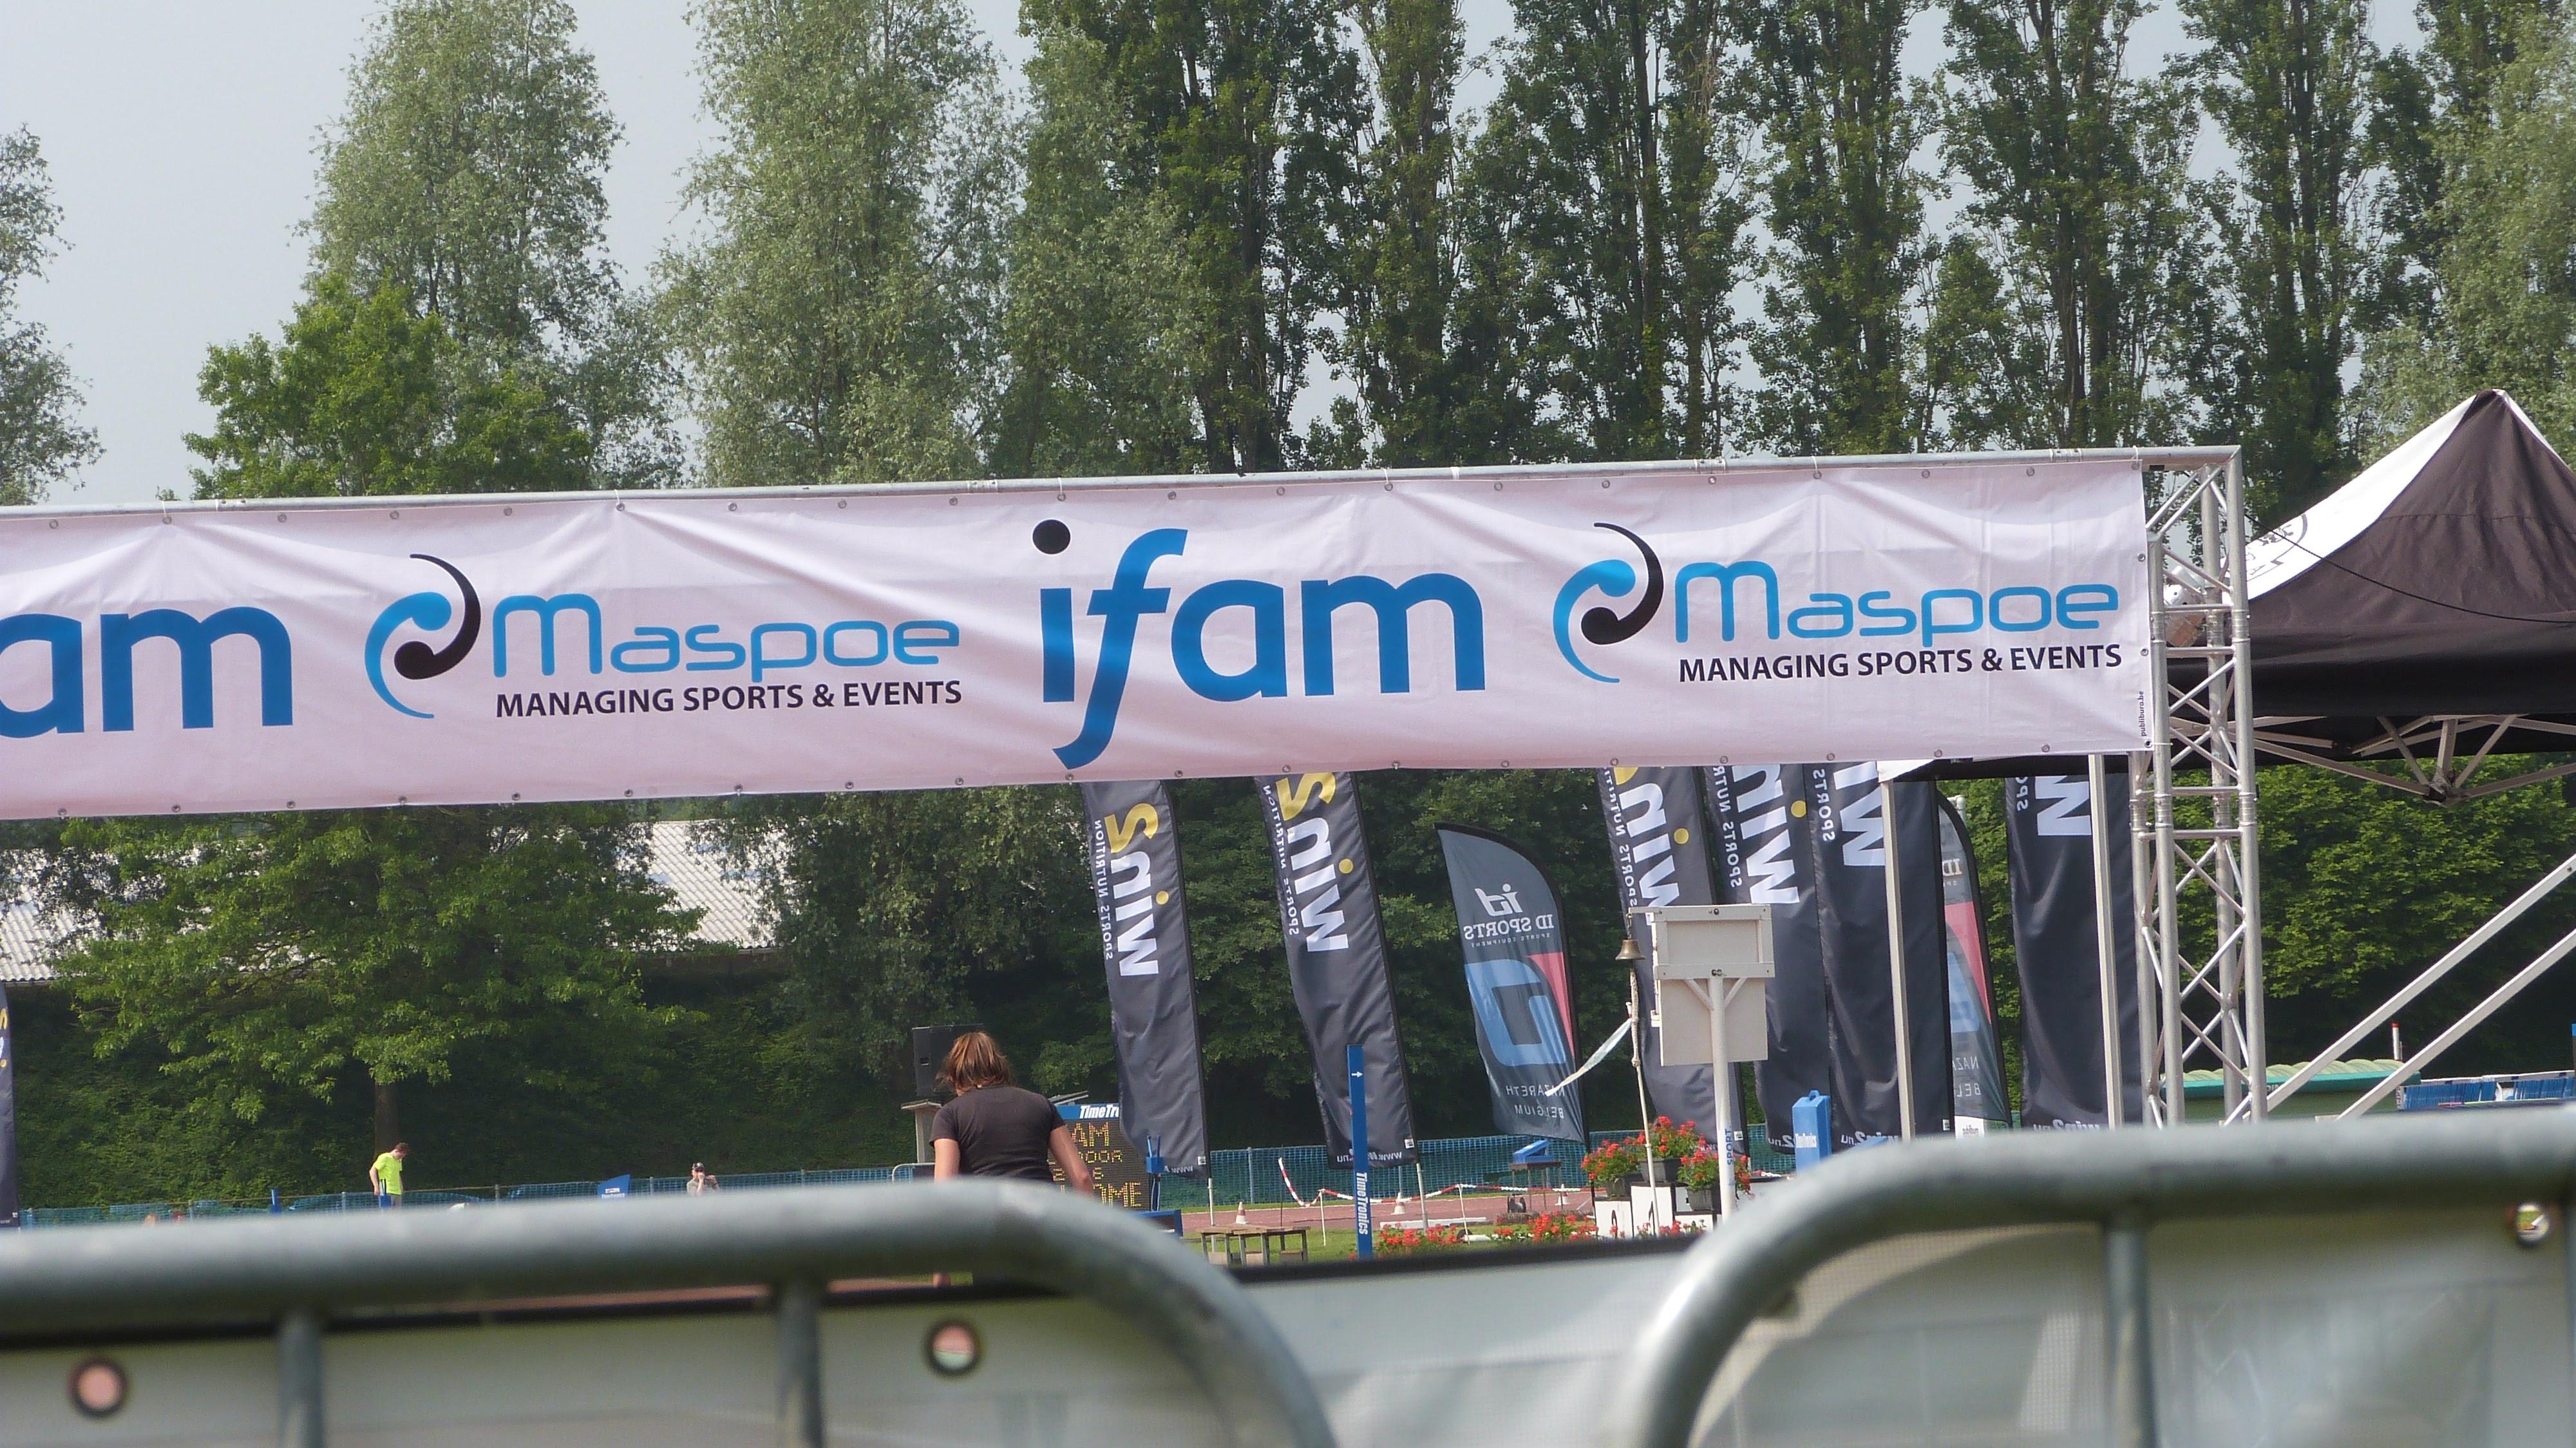 IFAM Outdoor